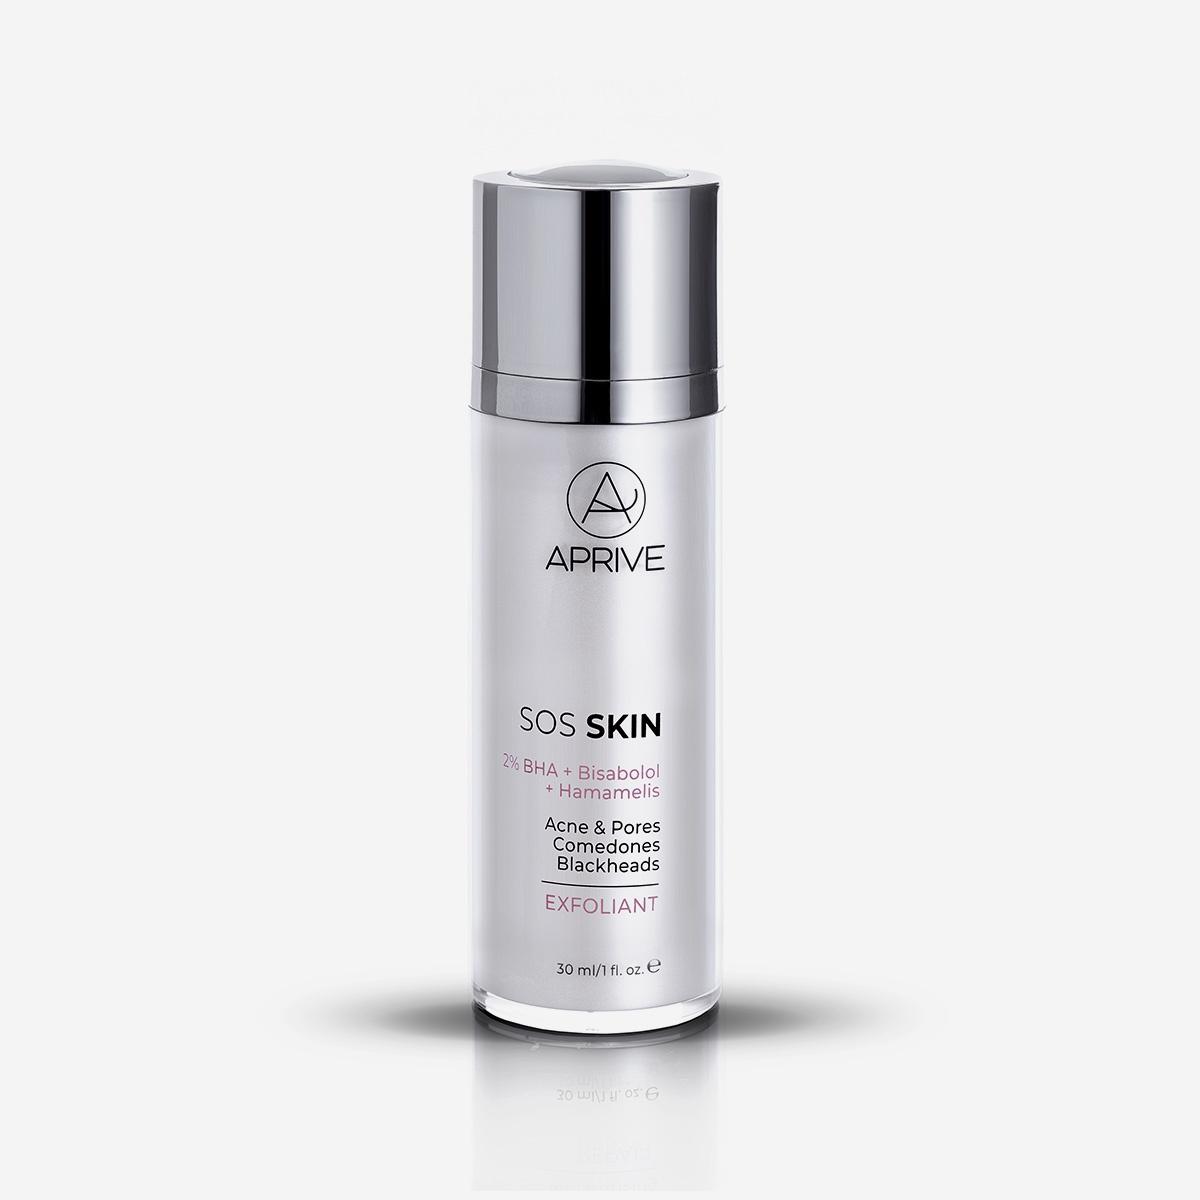 Aprive SOS Skin